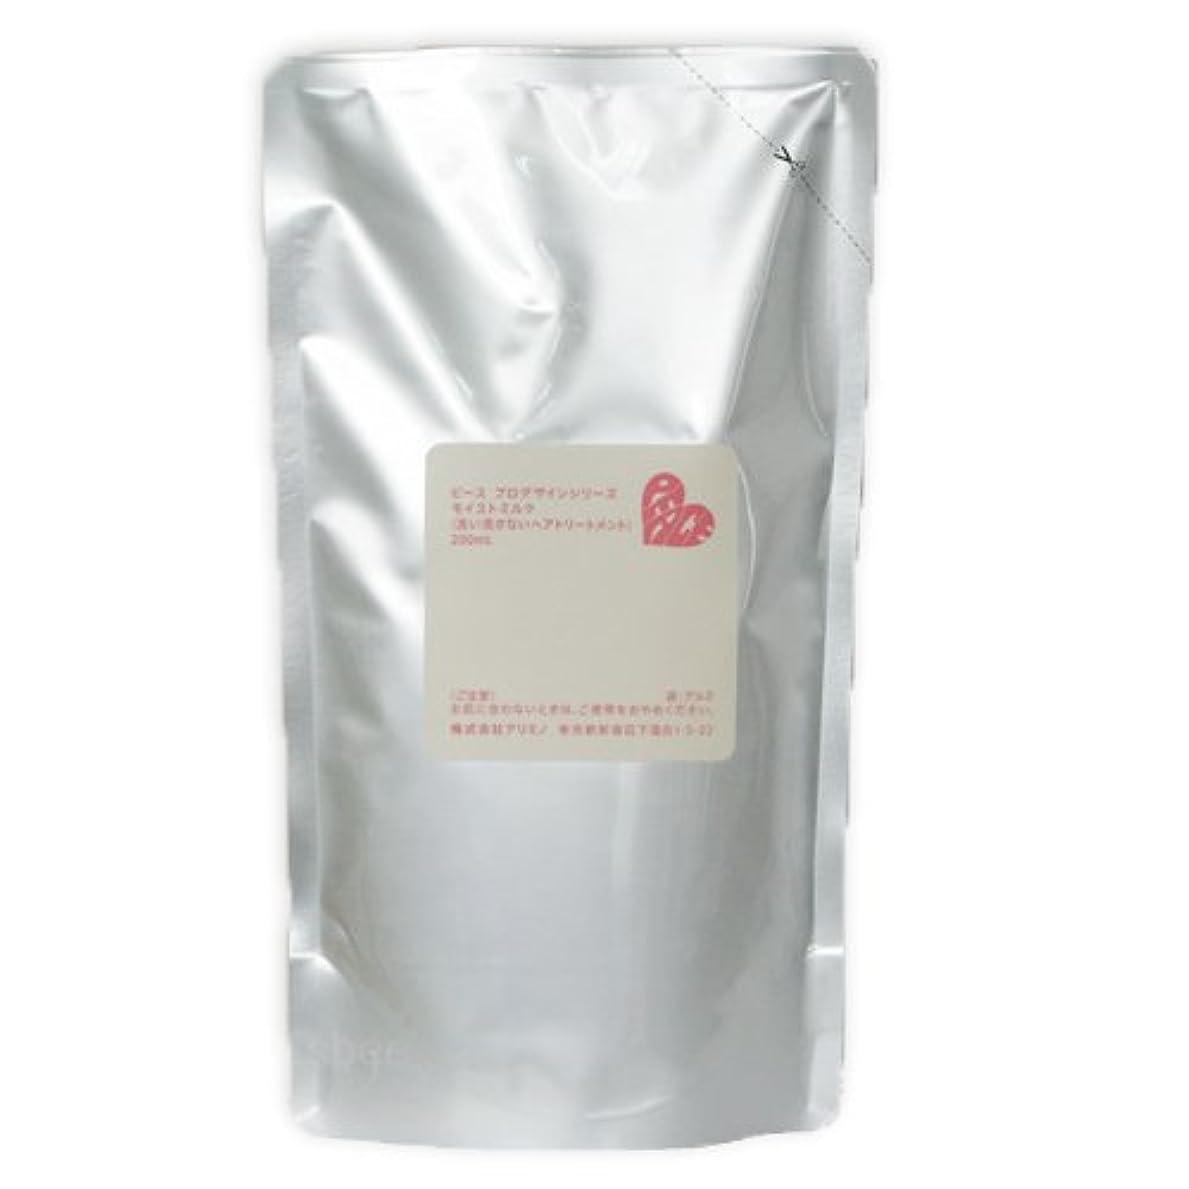 必需品命令的柔らかさアリミノ ピース モイストミルク バニラ 200mL 詰め替え リフィル